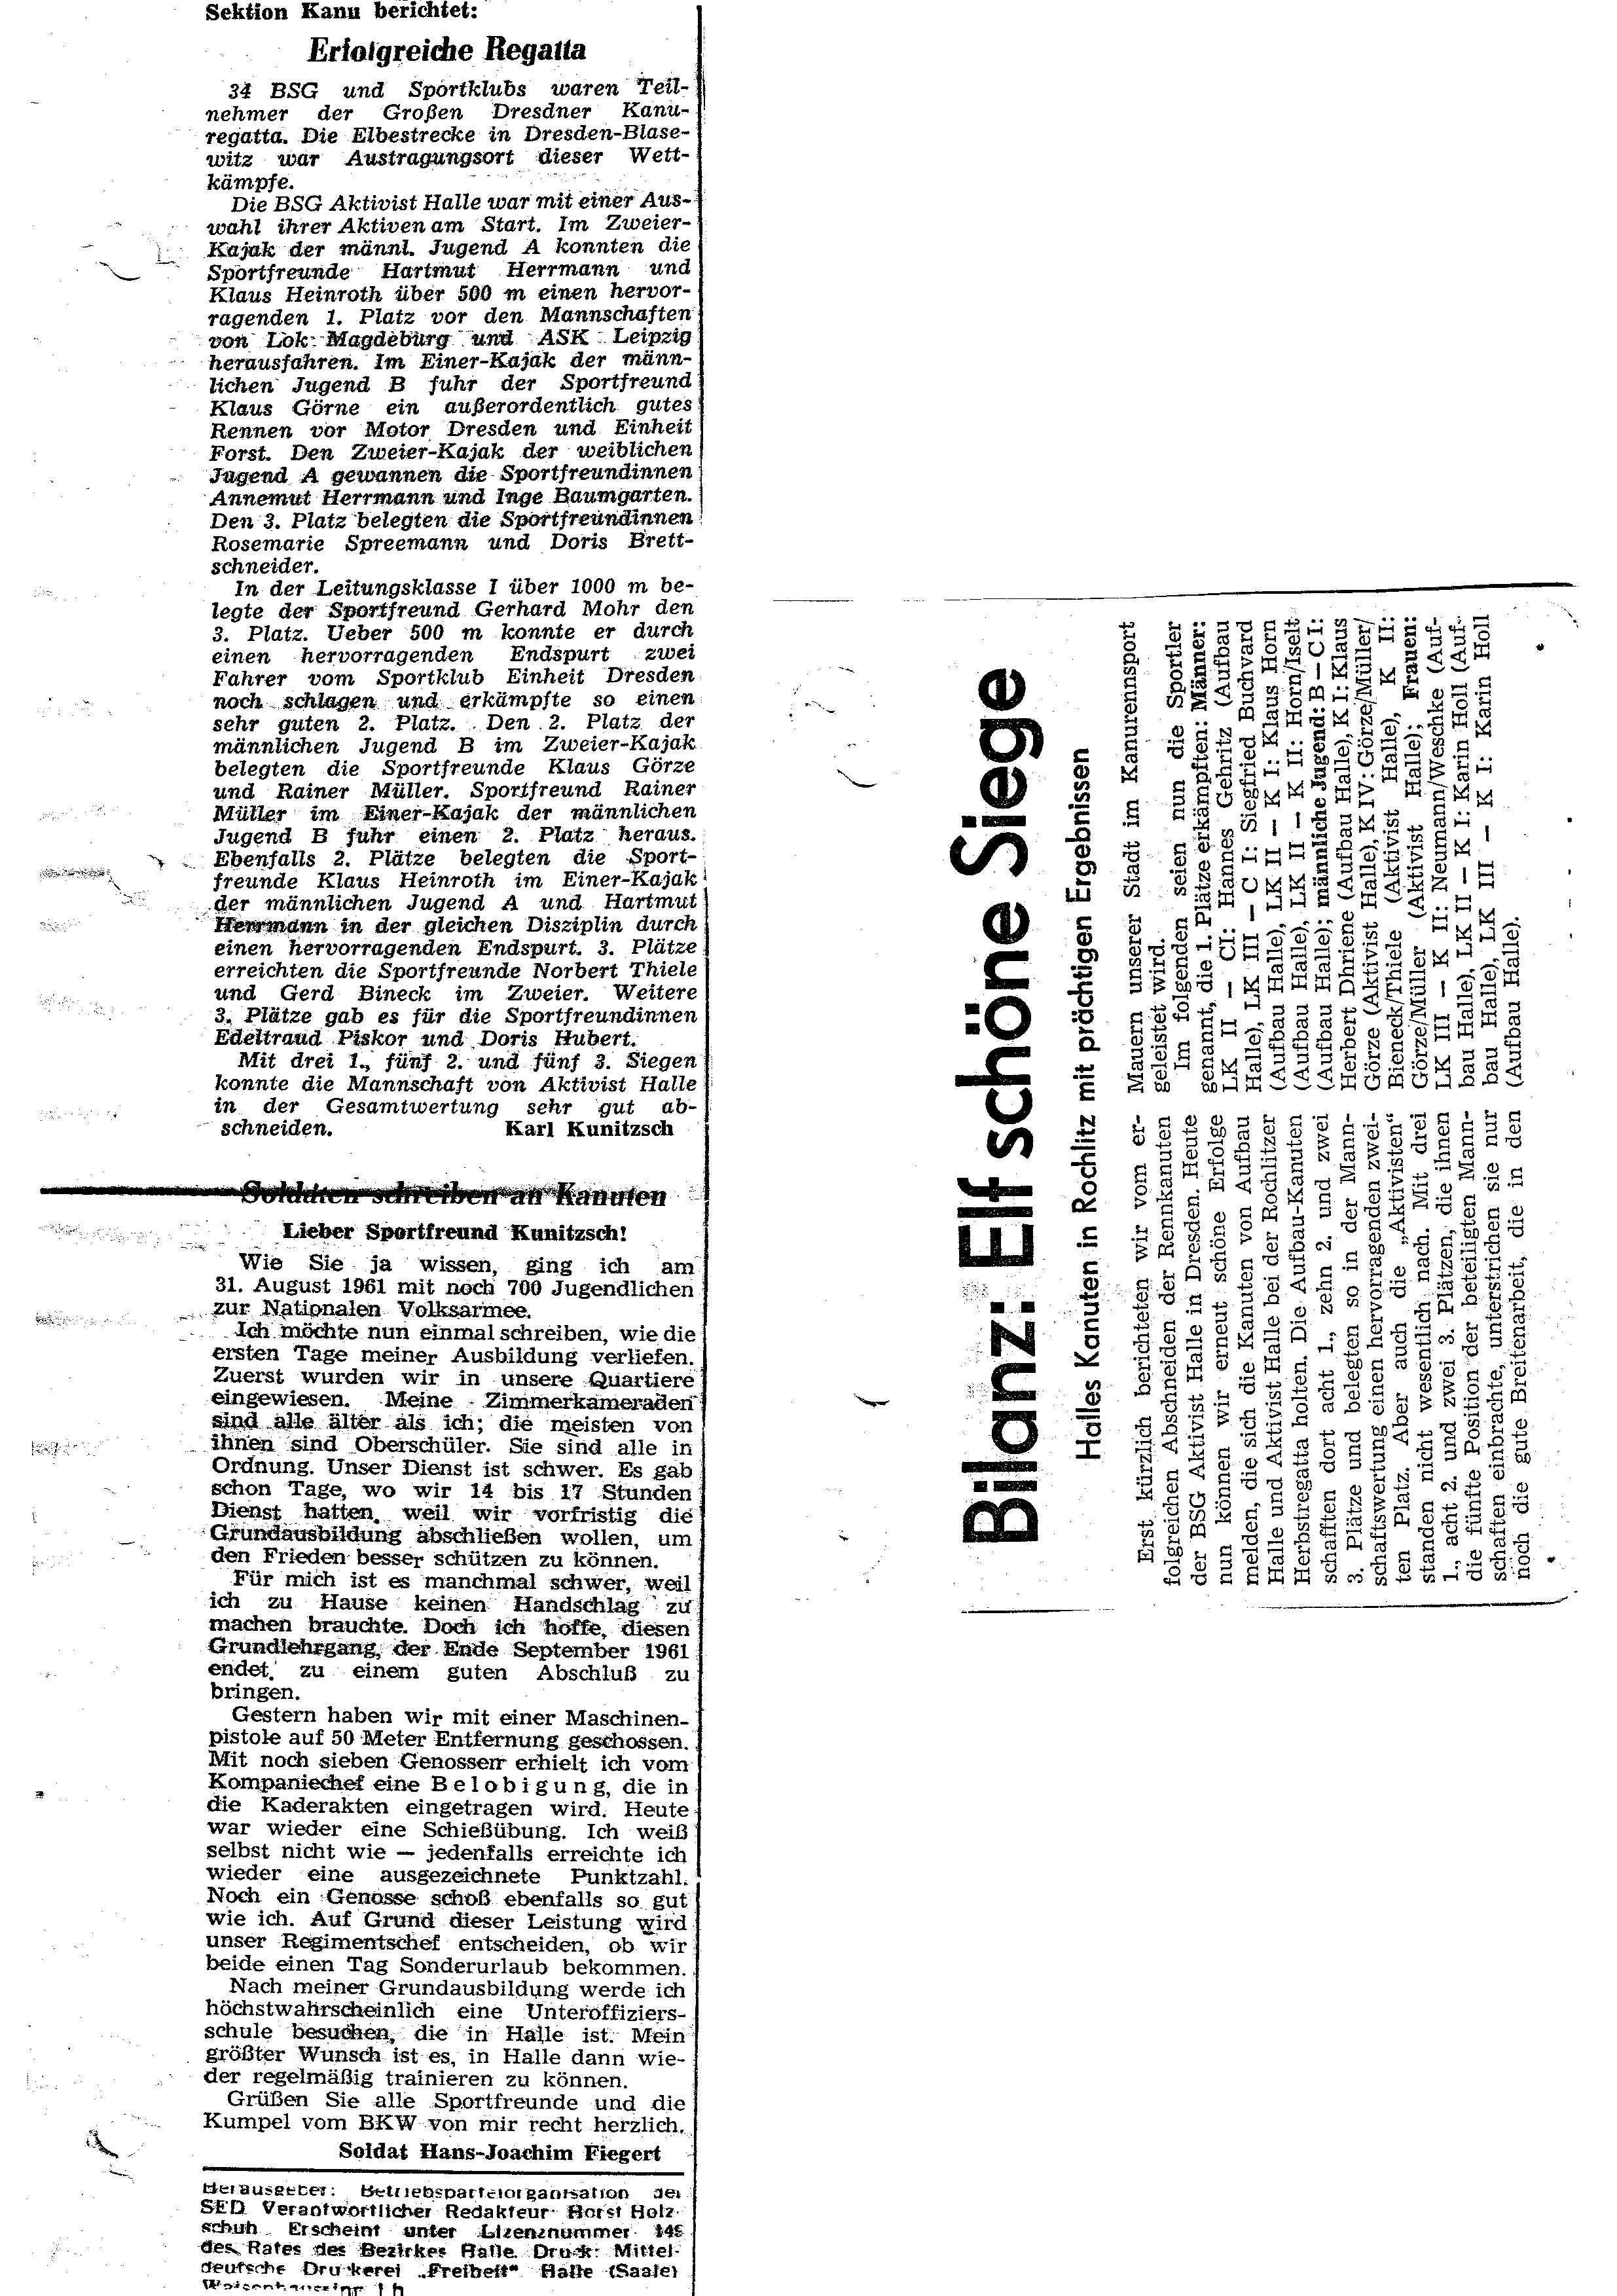 1961 Bilanz Elf schöne Siege